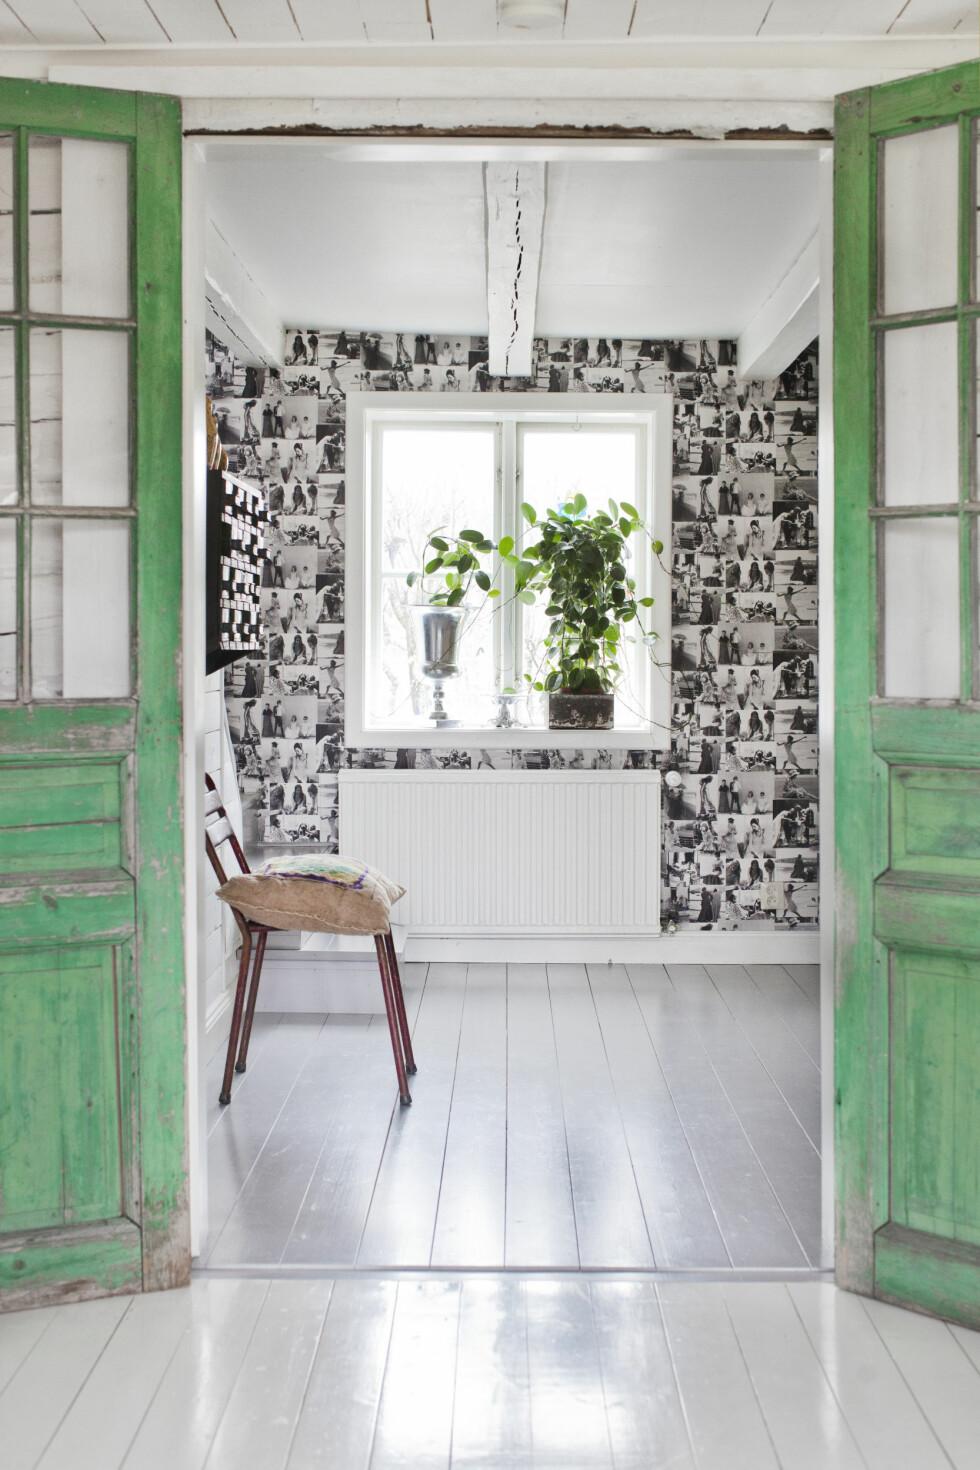 GRØNNE FARGETONER: Tapetet i gangen er fra Laura Ashley. De grønne dørene fikk Marlene av naboen. Med mange elementer og stilarter gjør en stram fargeskala uttrykket harmonisk. Her går det i sjøgrønne og turkisgrå toner. Foto: Lina Östling / IDECORimages.com